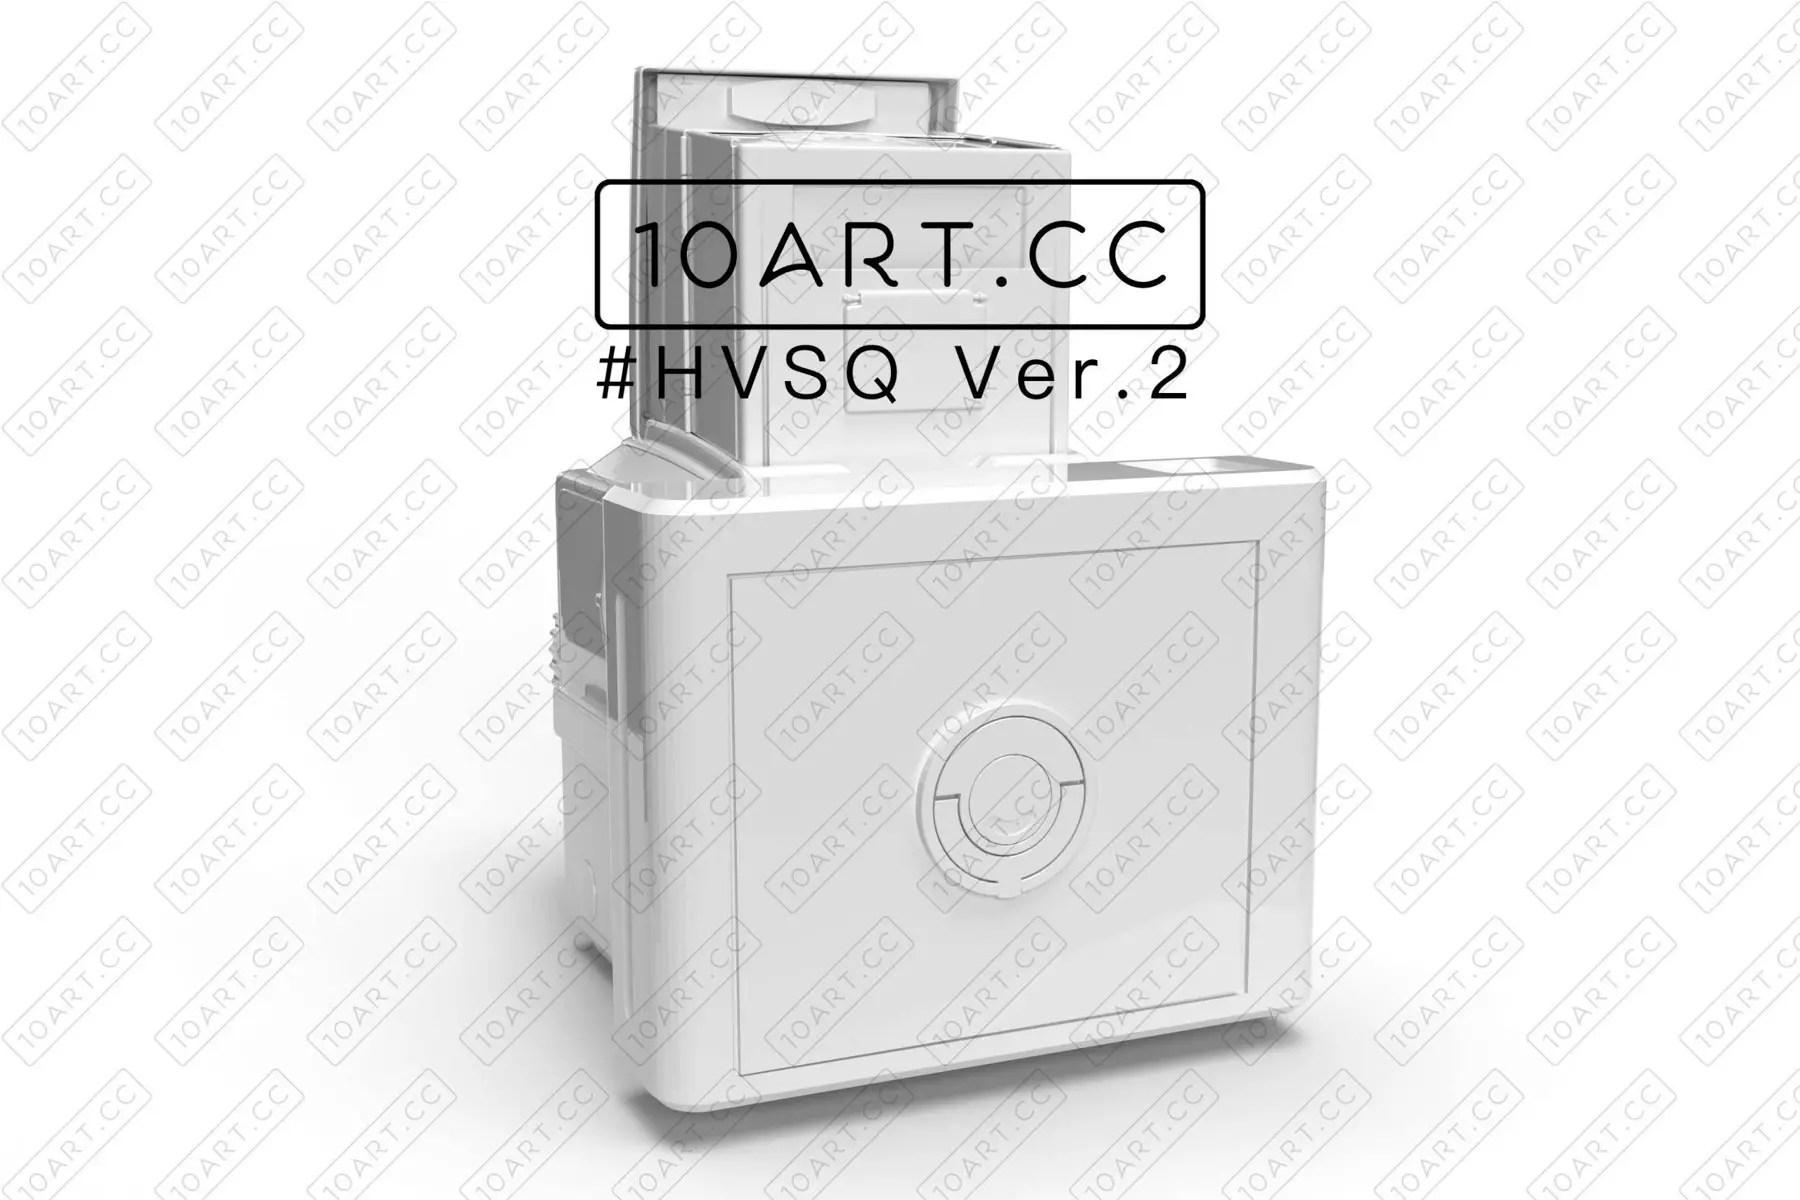 HVSQ Ver.2 Rear left